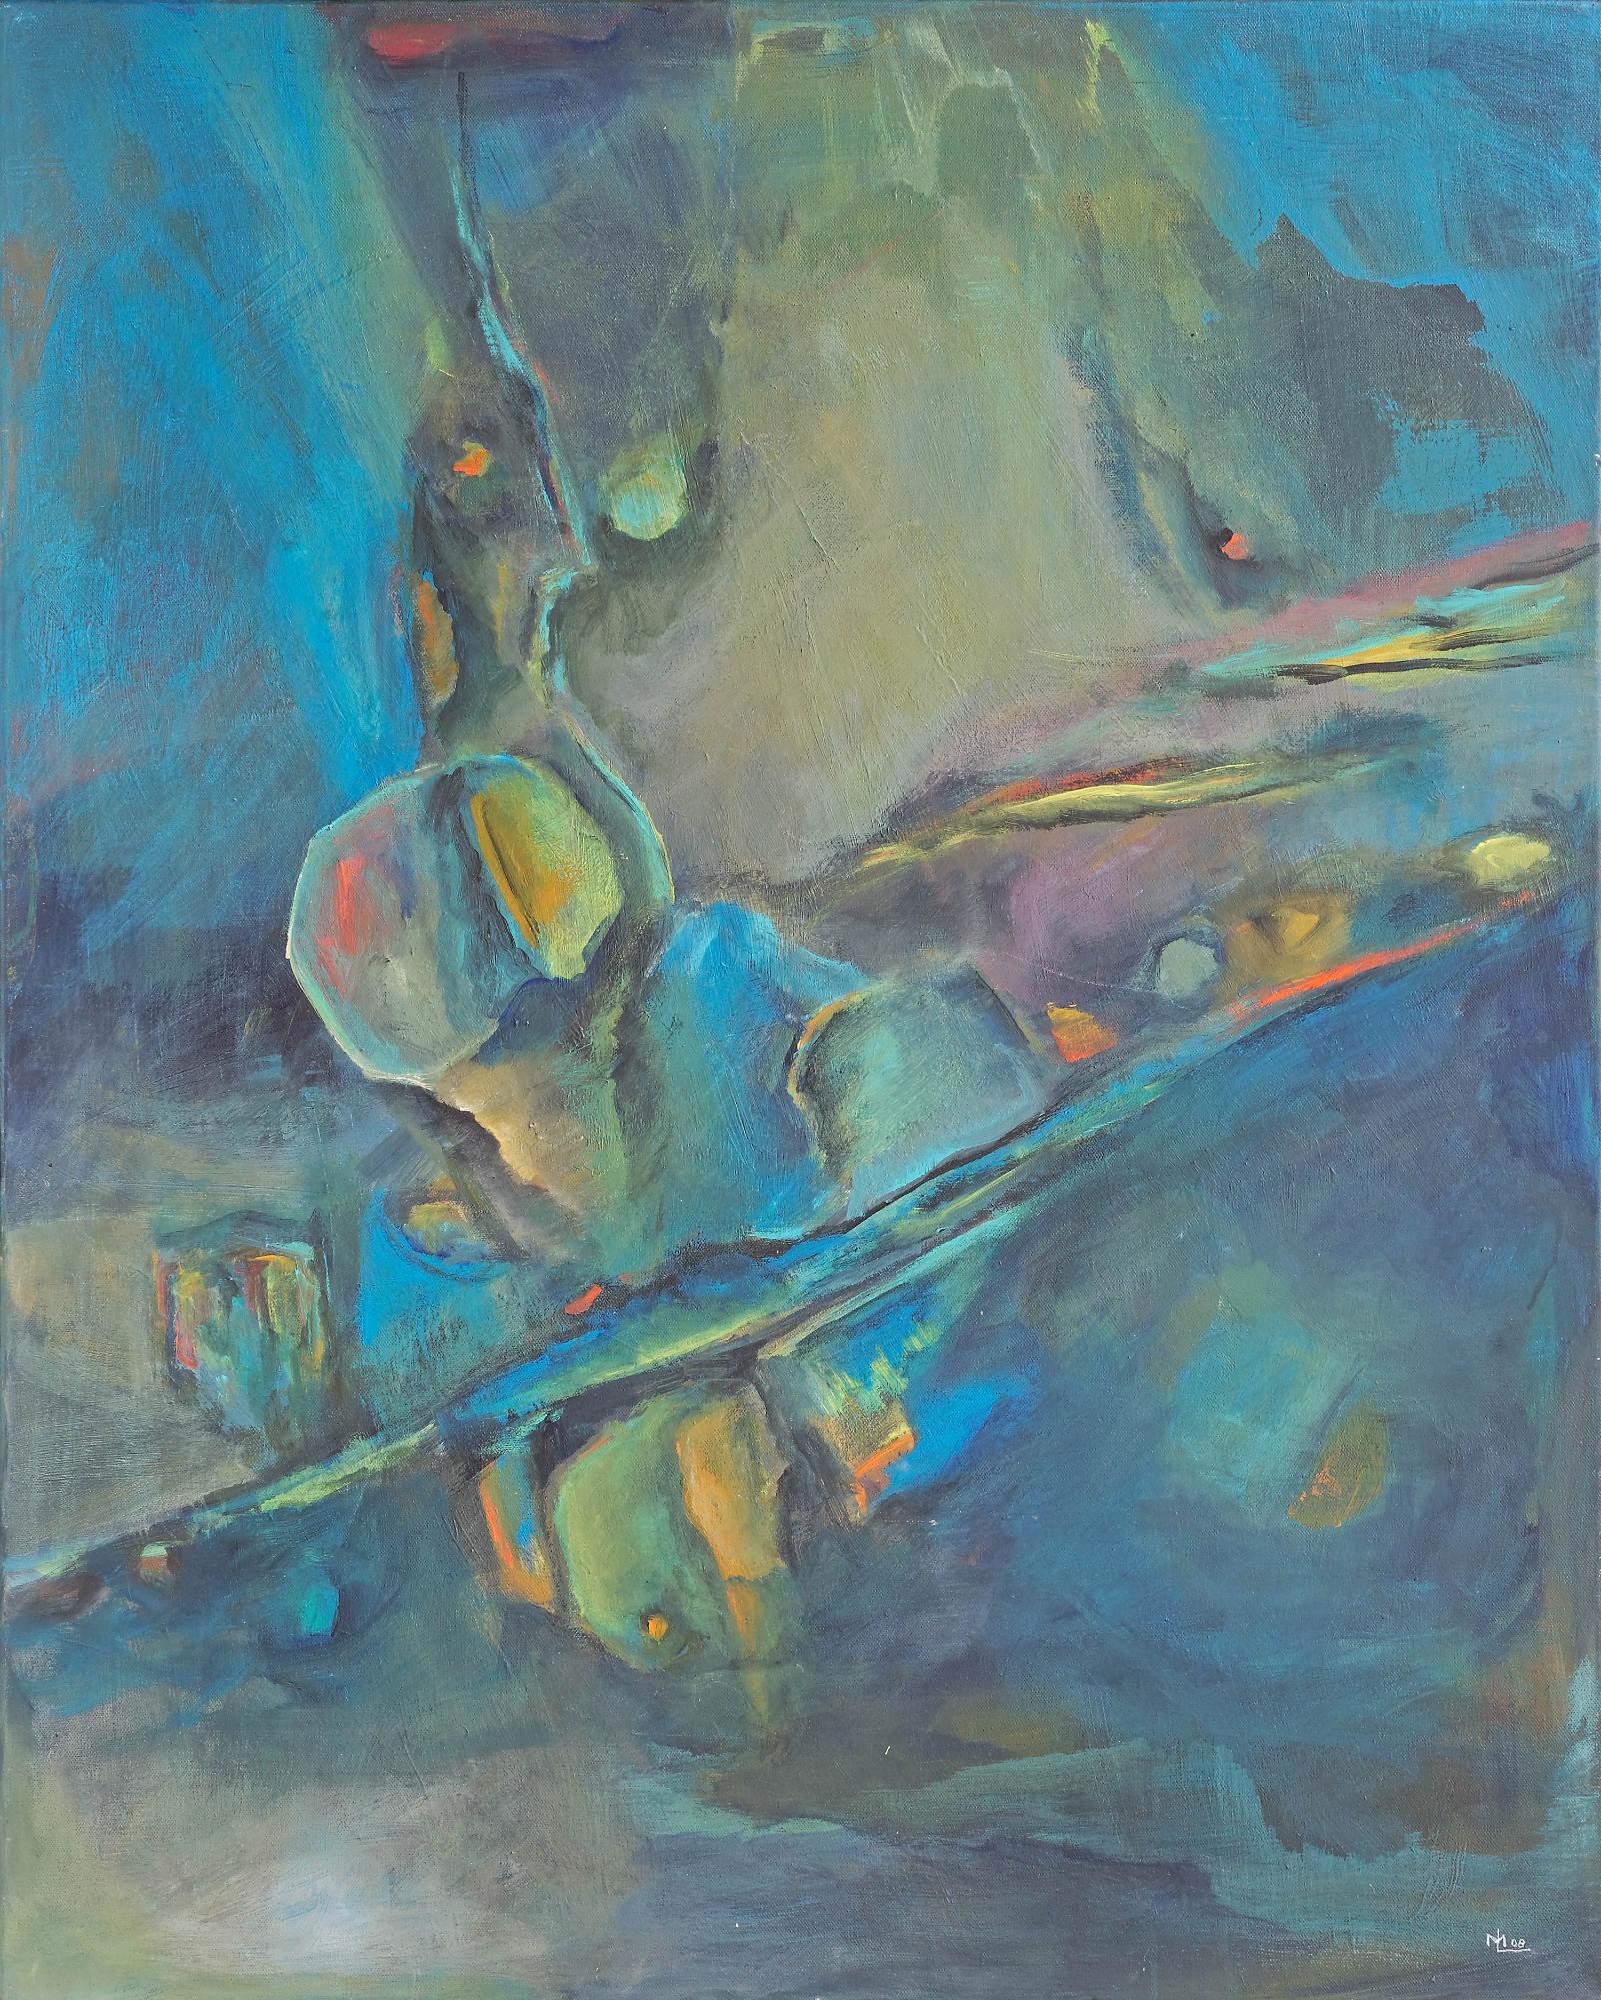 2009 - Farben- und Formenspiel, 80x100cm, Acryl